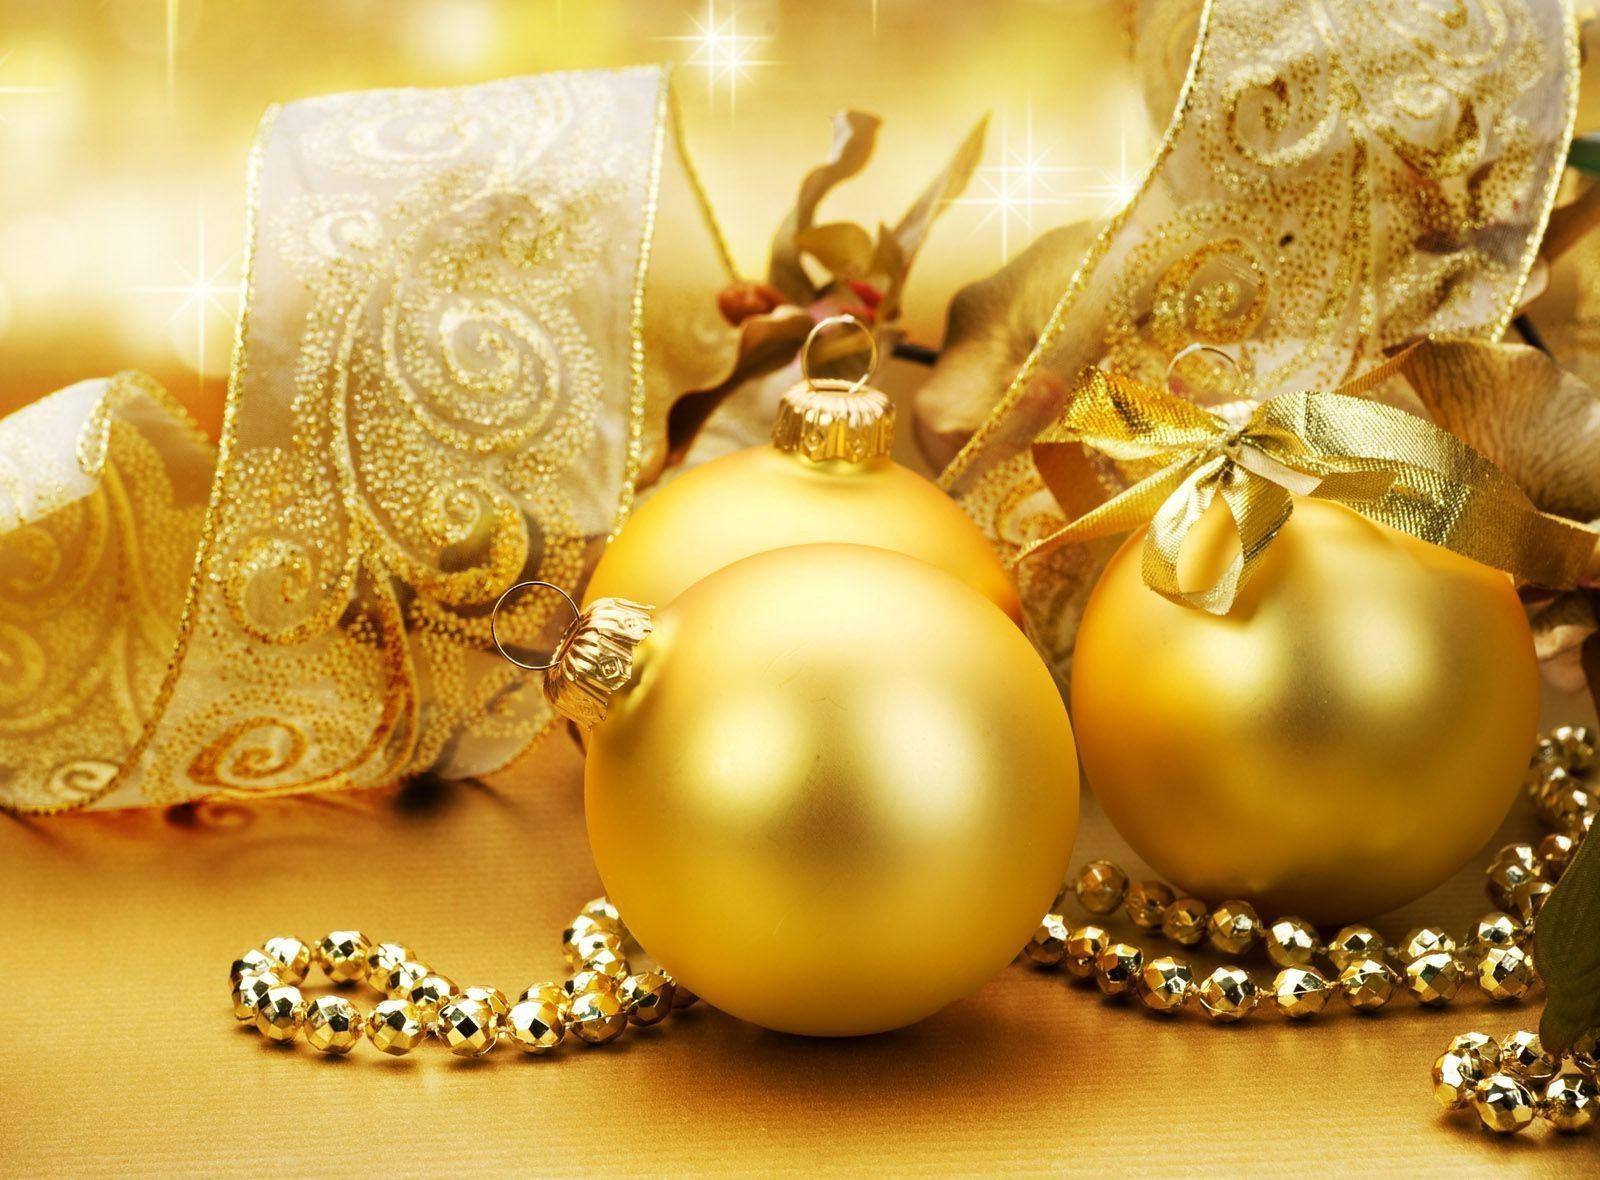 Sfondi Natalizi Oro.Sfondi Decorazioni Natalizie Palloncini Gioielli Oro Arco